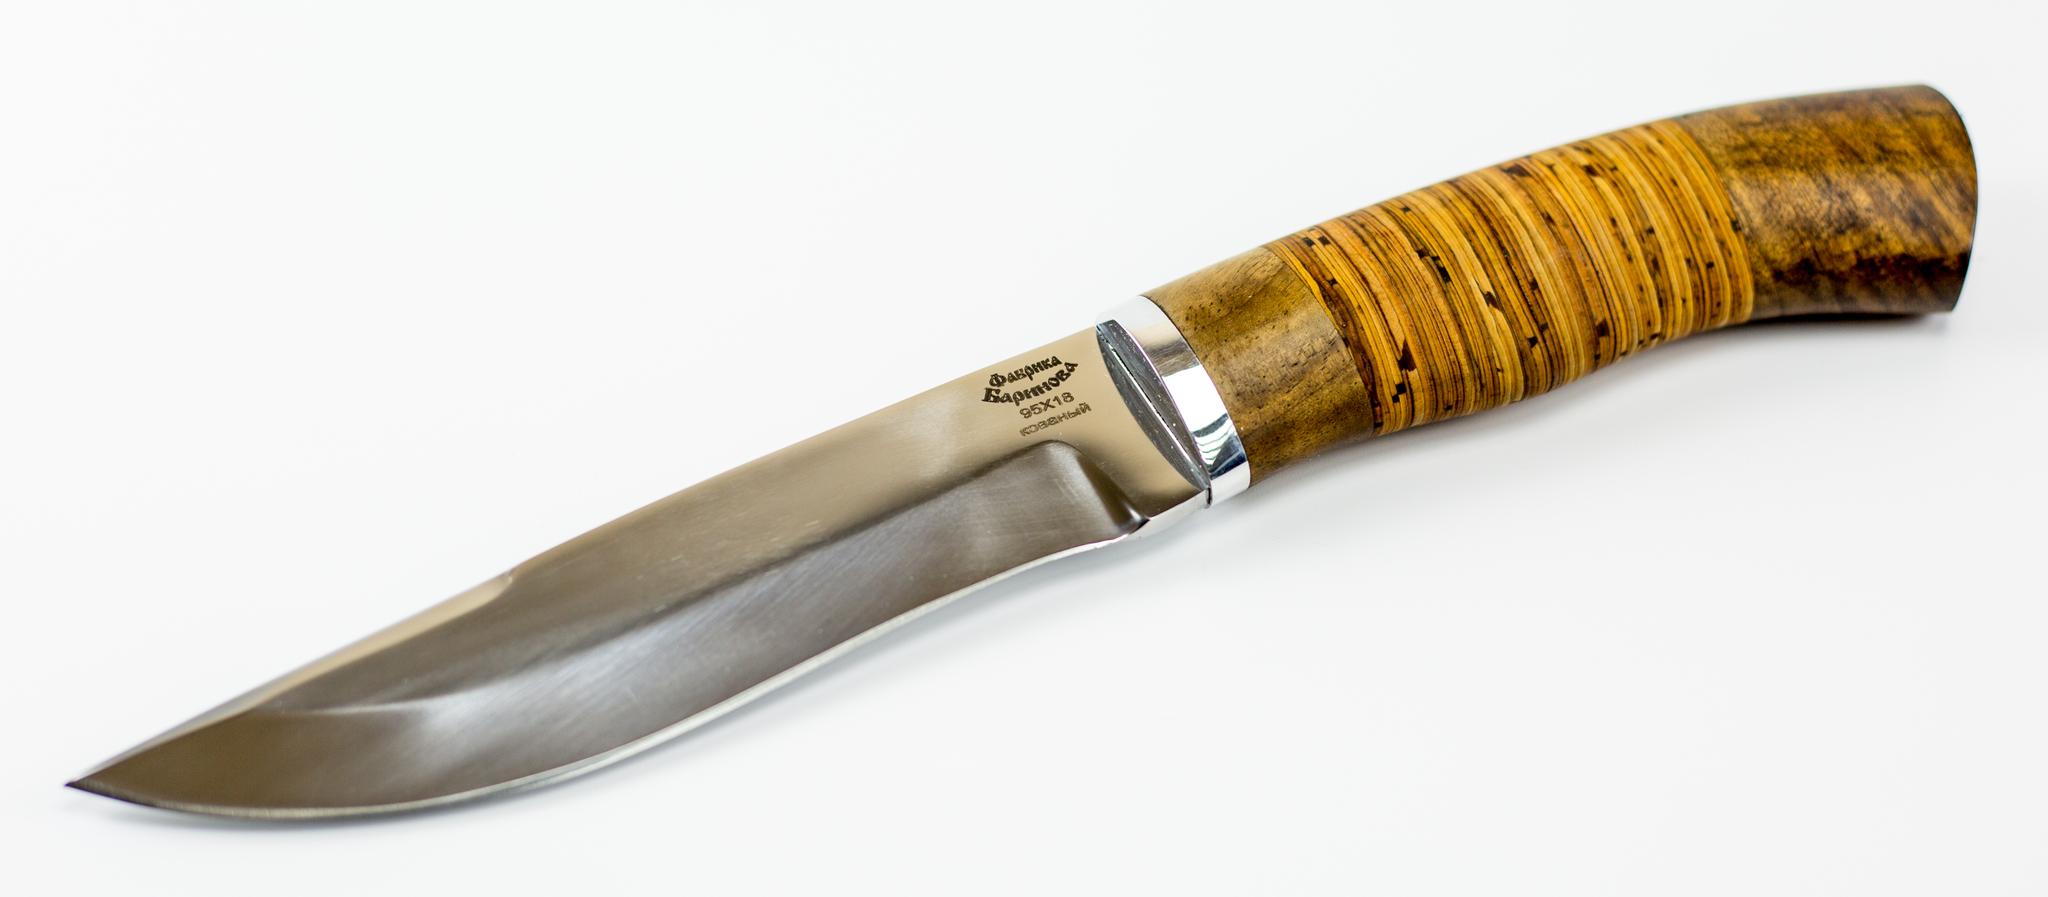 Фото 8 - Нож Южный-2, сталь 95Х18, рукоять береста от Фабрика Баринова